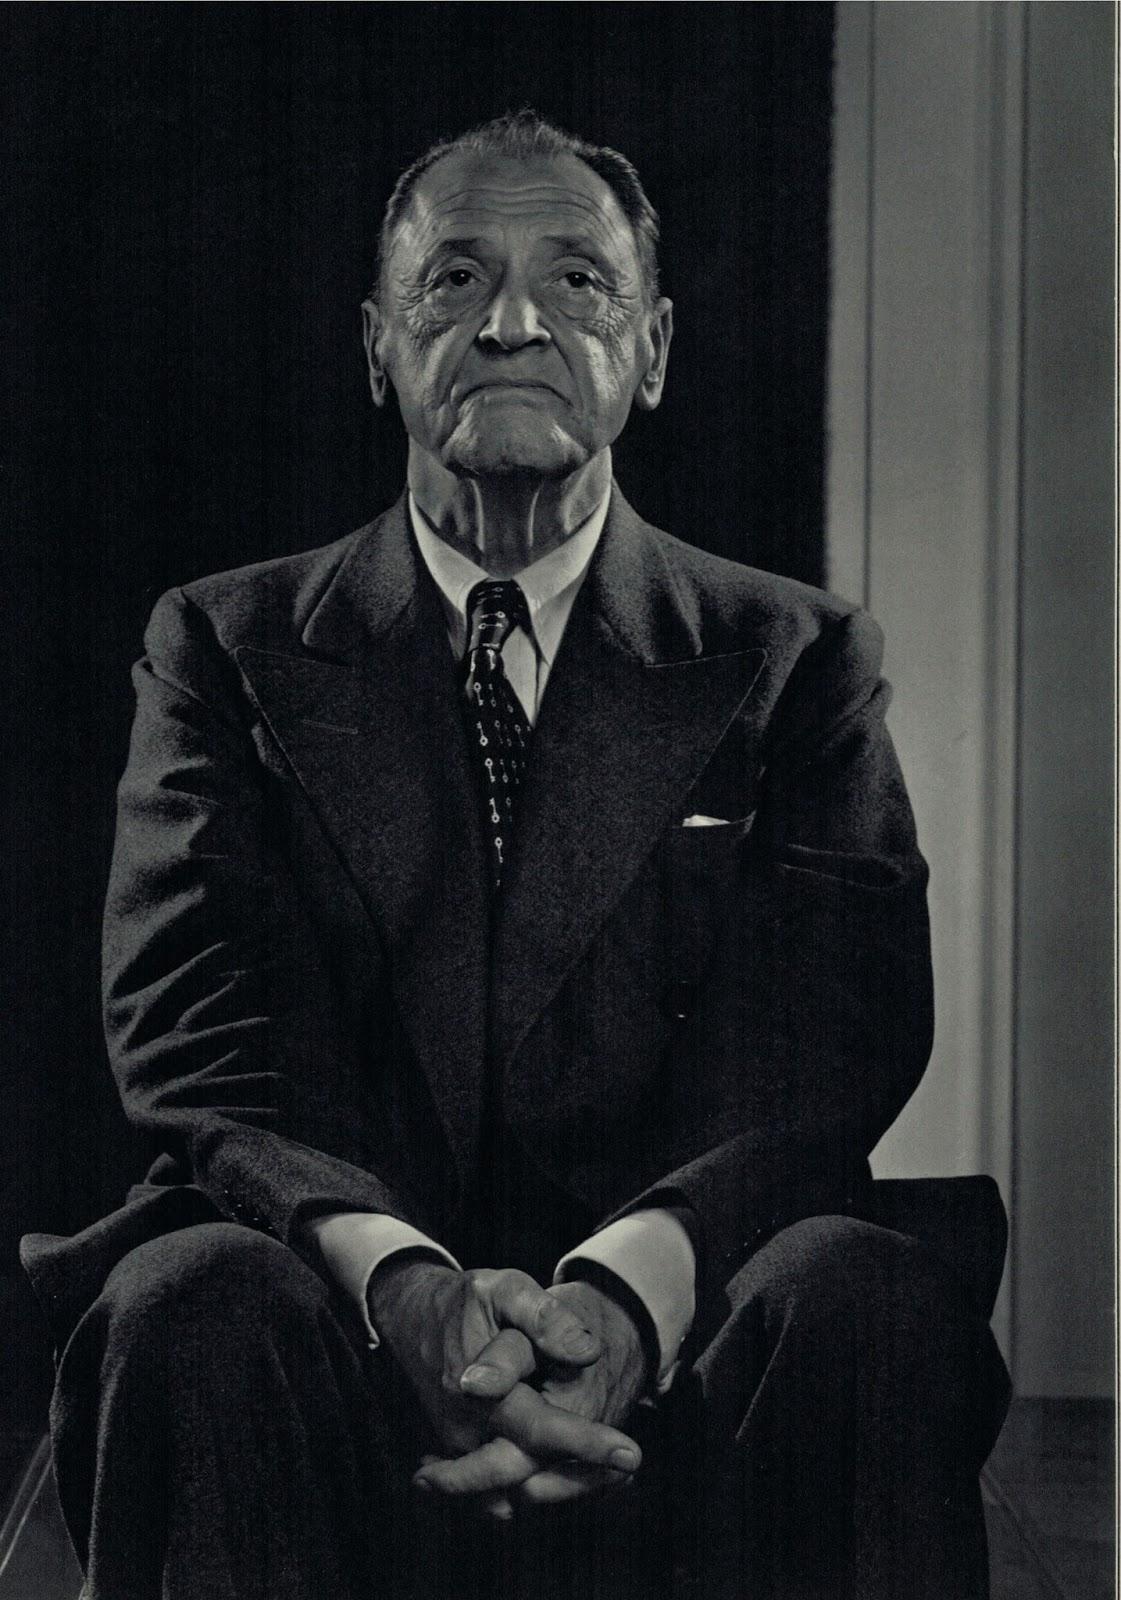 ویلیام سامرست ۱۹۶۵-۱۸۷۴